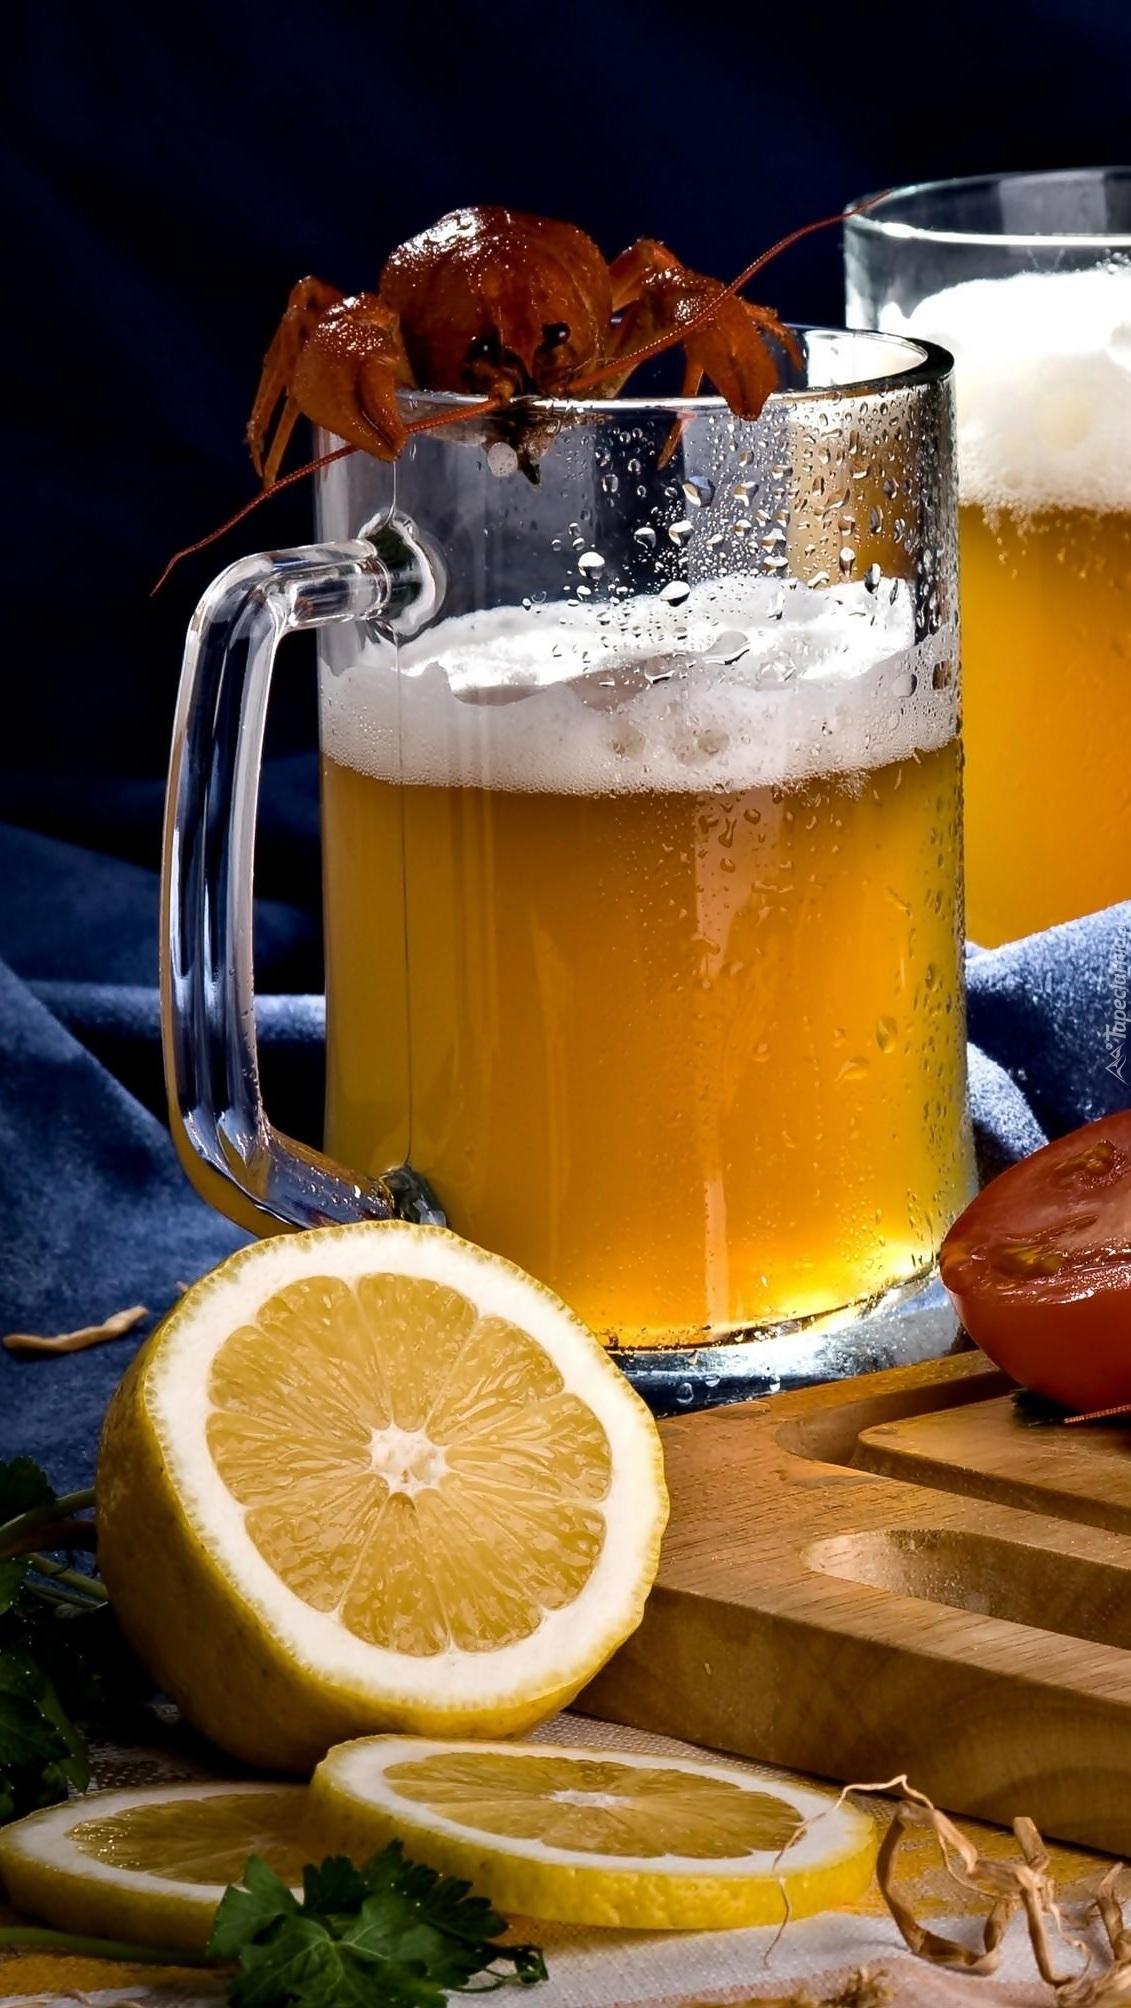 Rak na kuflu z piwem obok cytryny